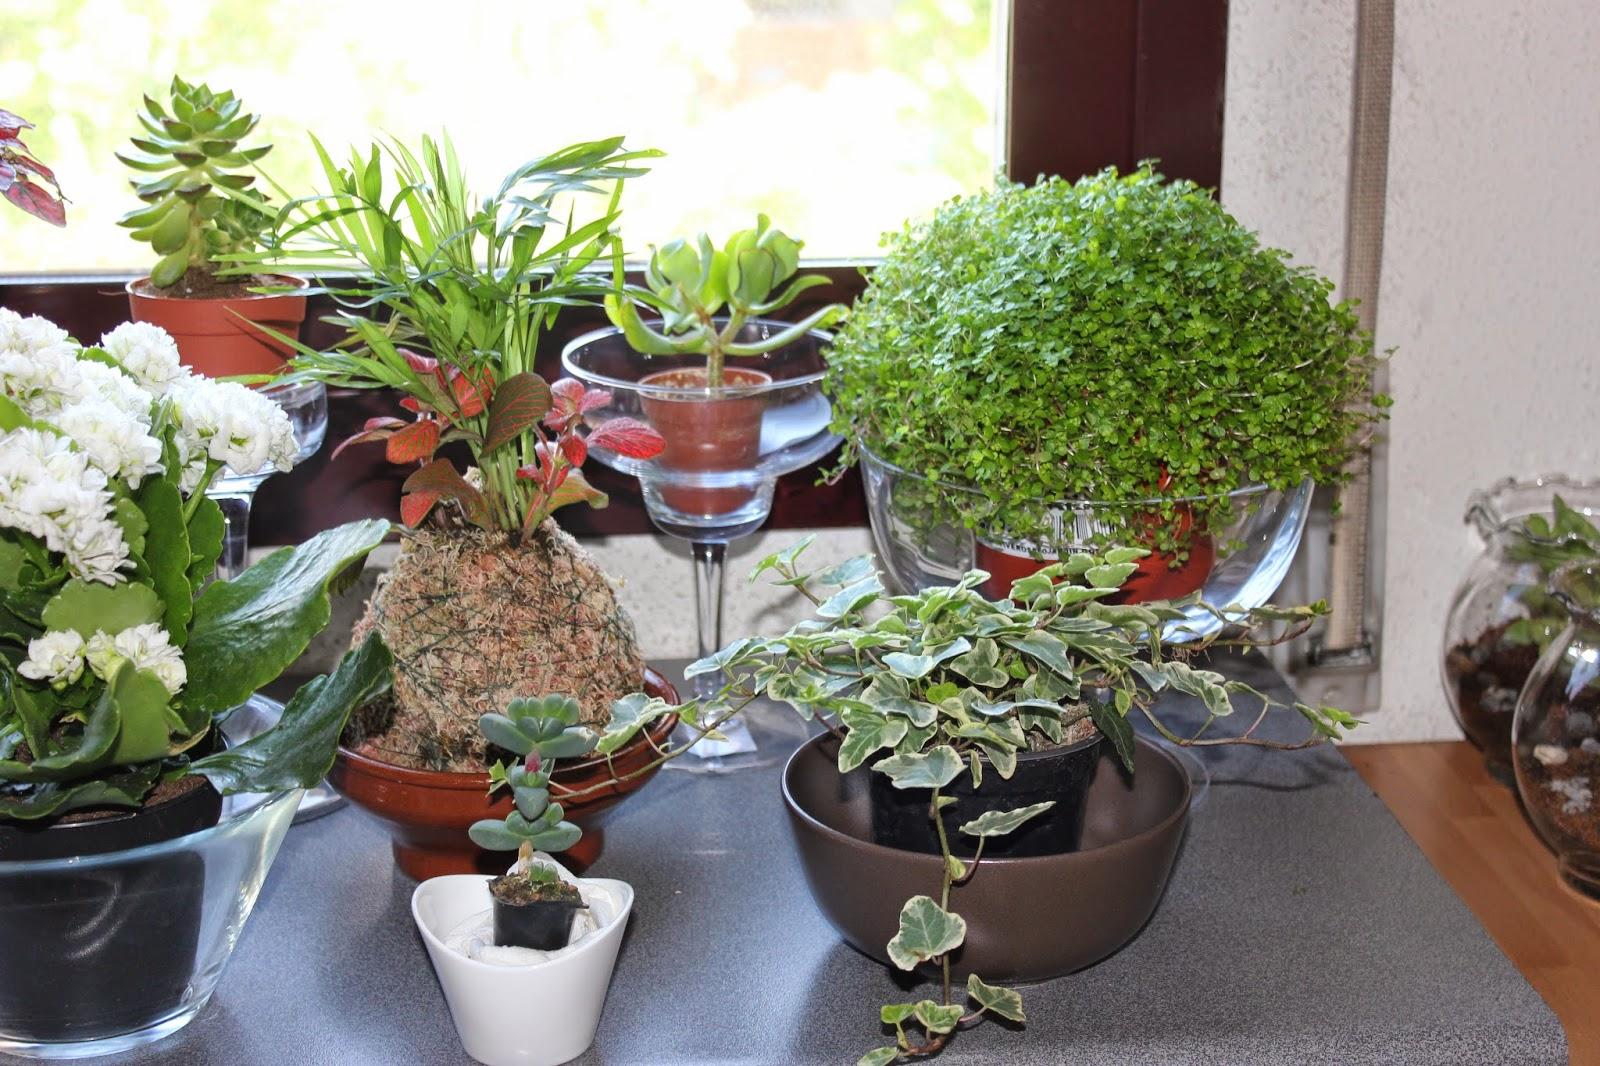 mis plantas y animales donde se pueden poner kokedamas On que plantas se pueden poner en macetas